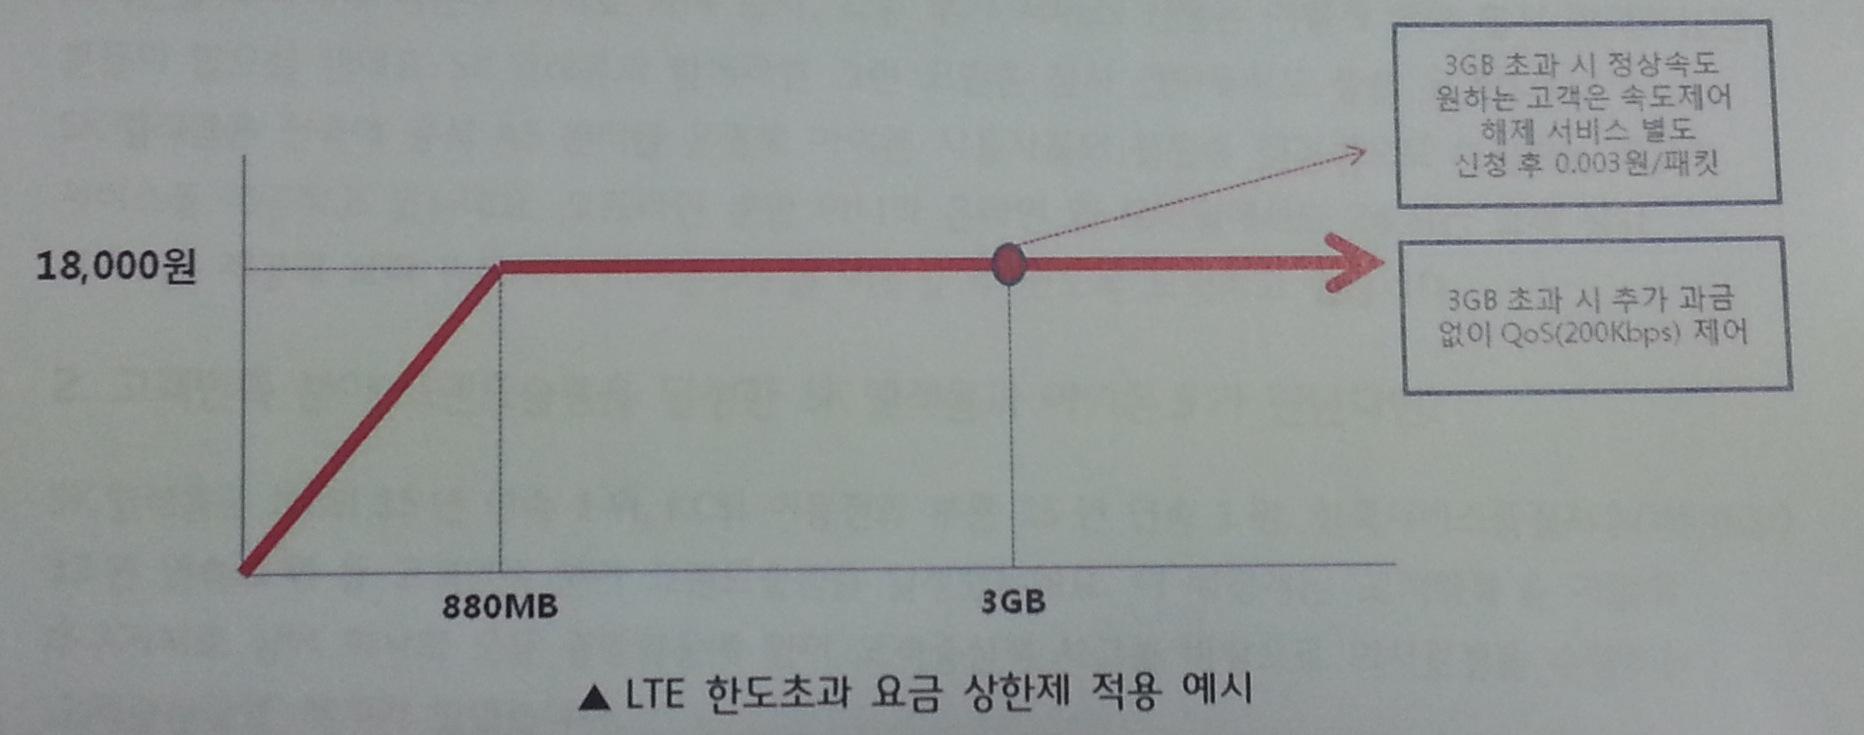 아이폰5, SKT 보상정책, 멀티캐리어